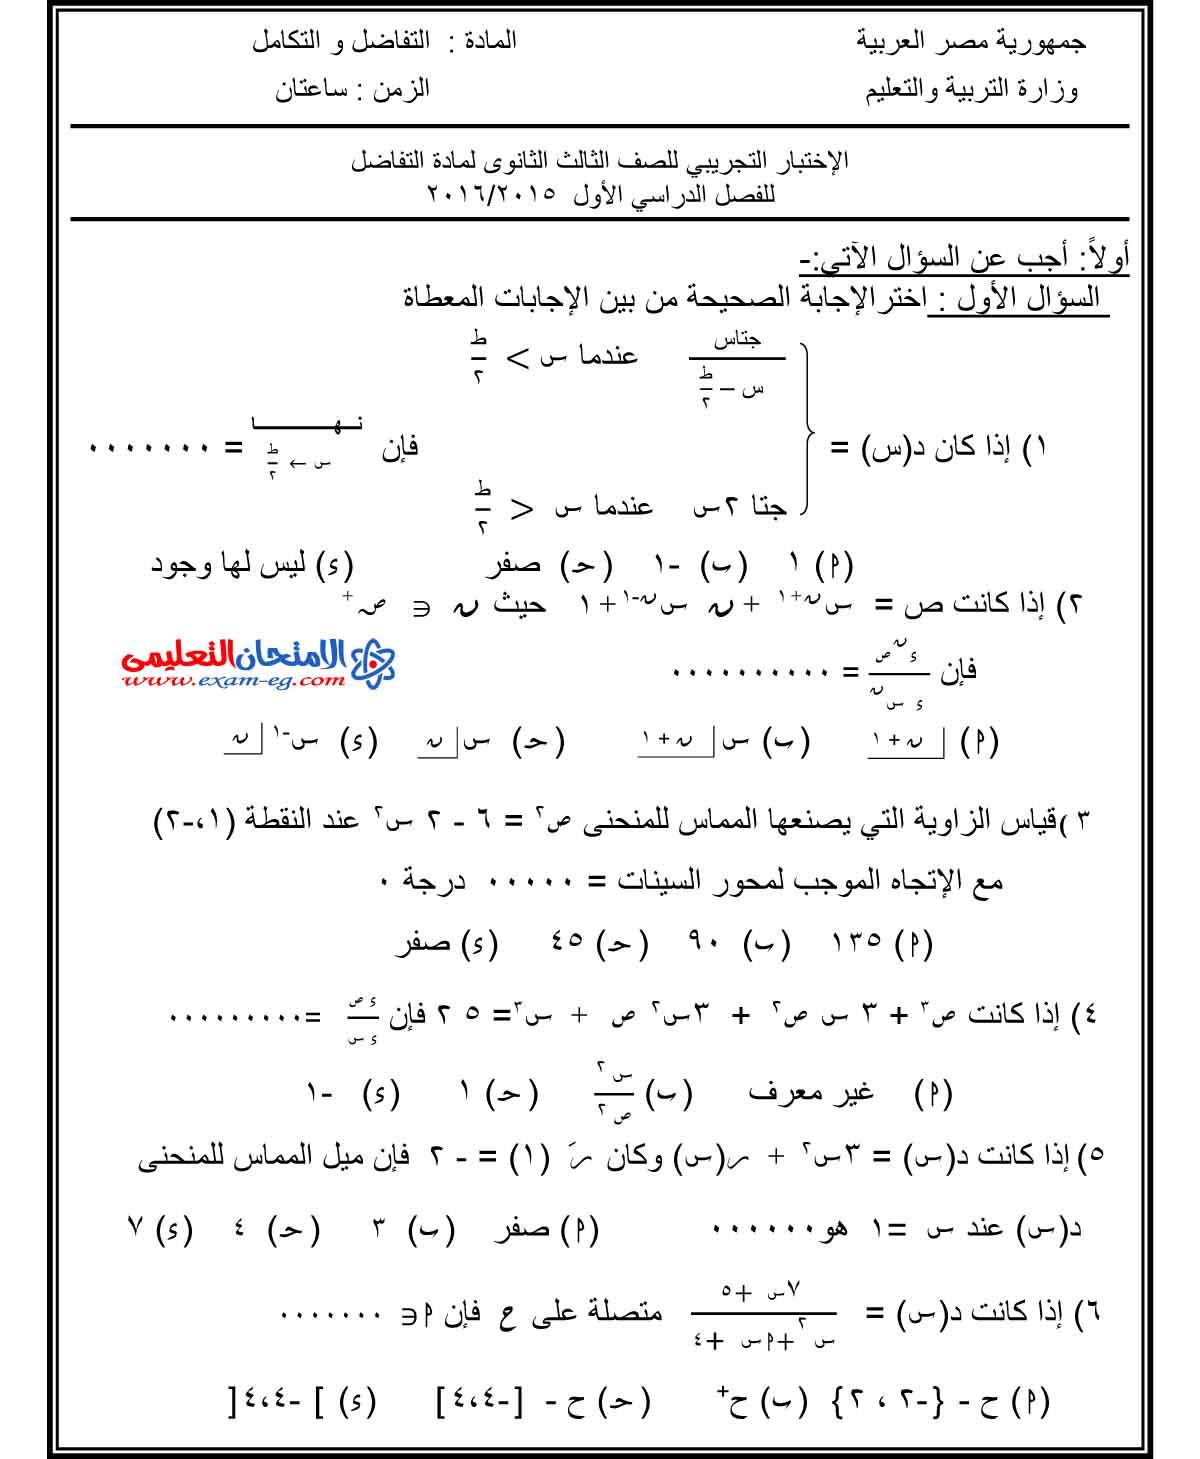 تفاضل وتكامل 1 - الامتحان التعليمى-1